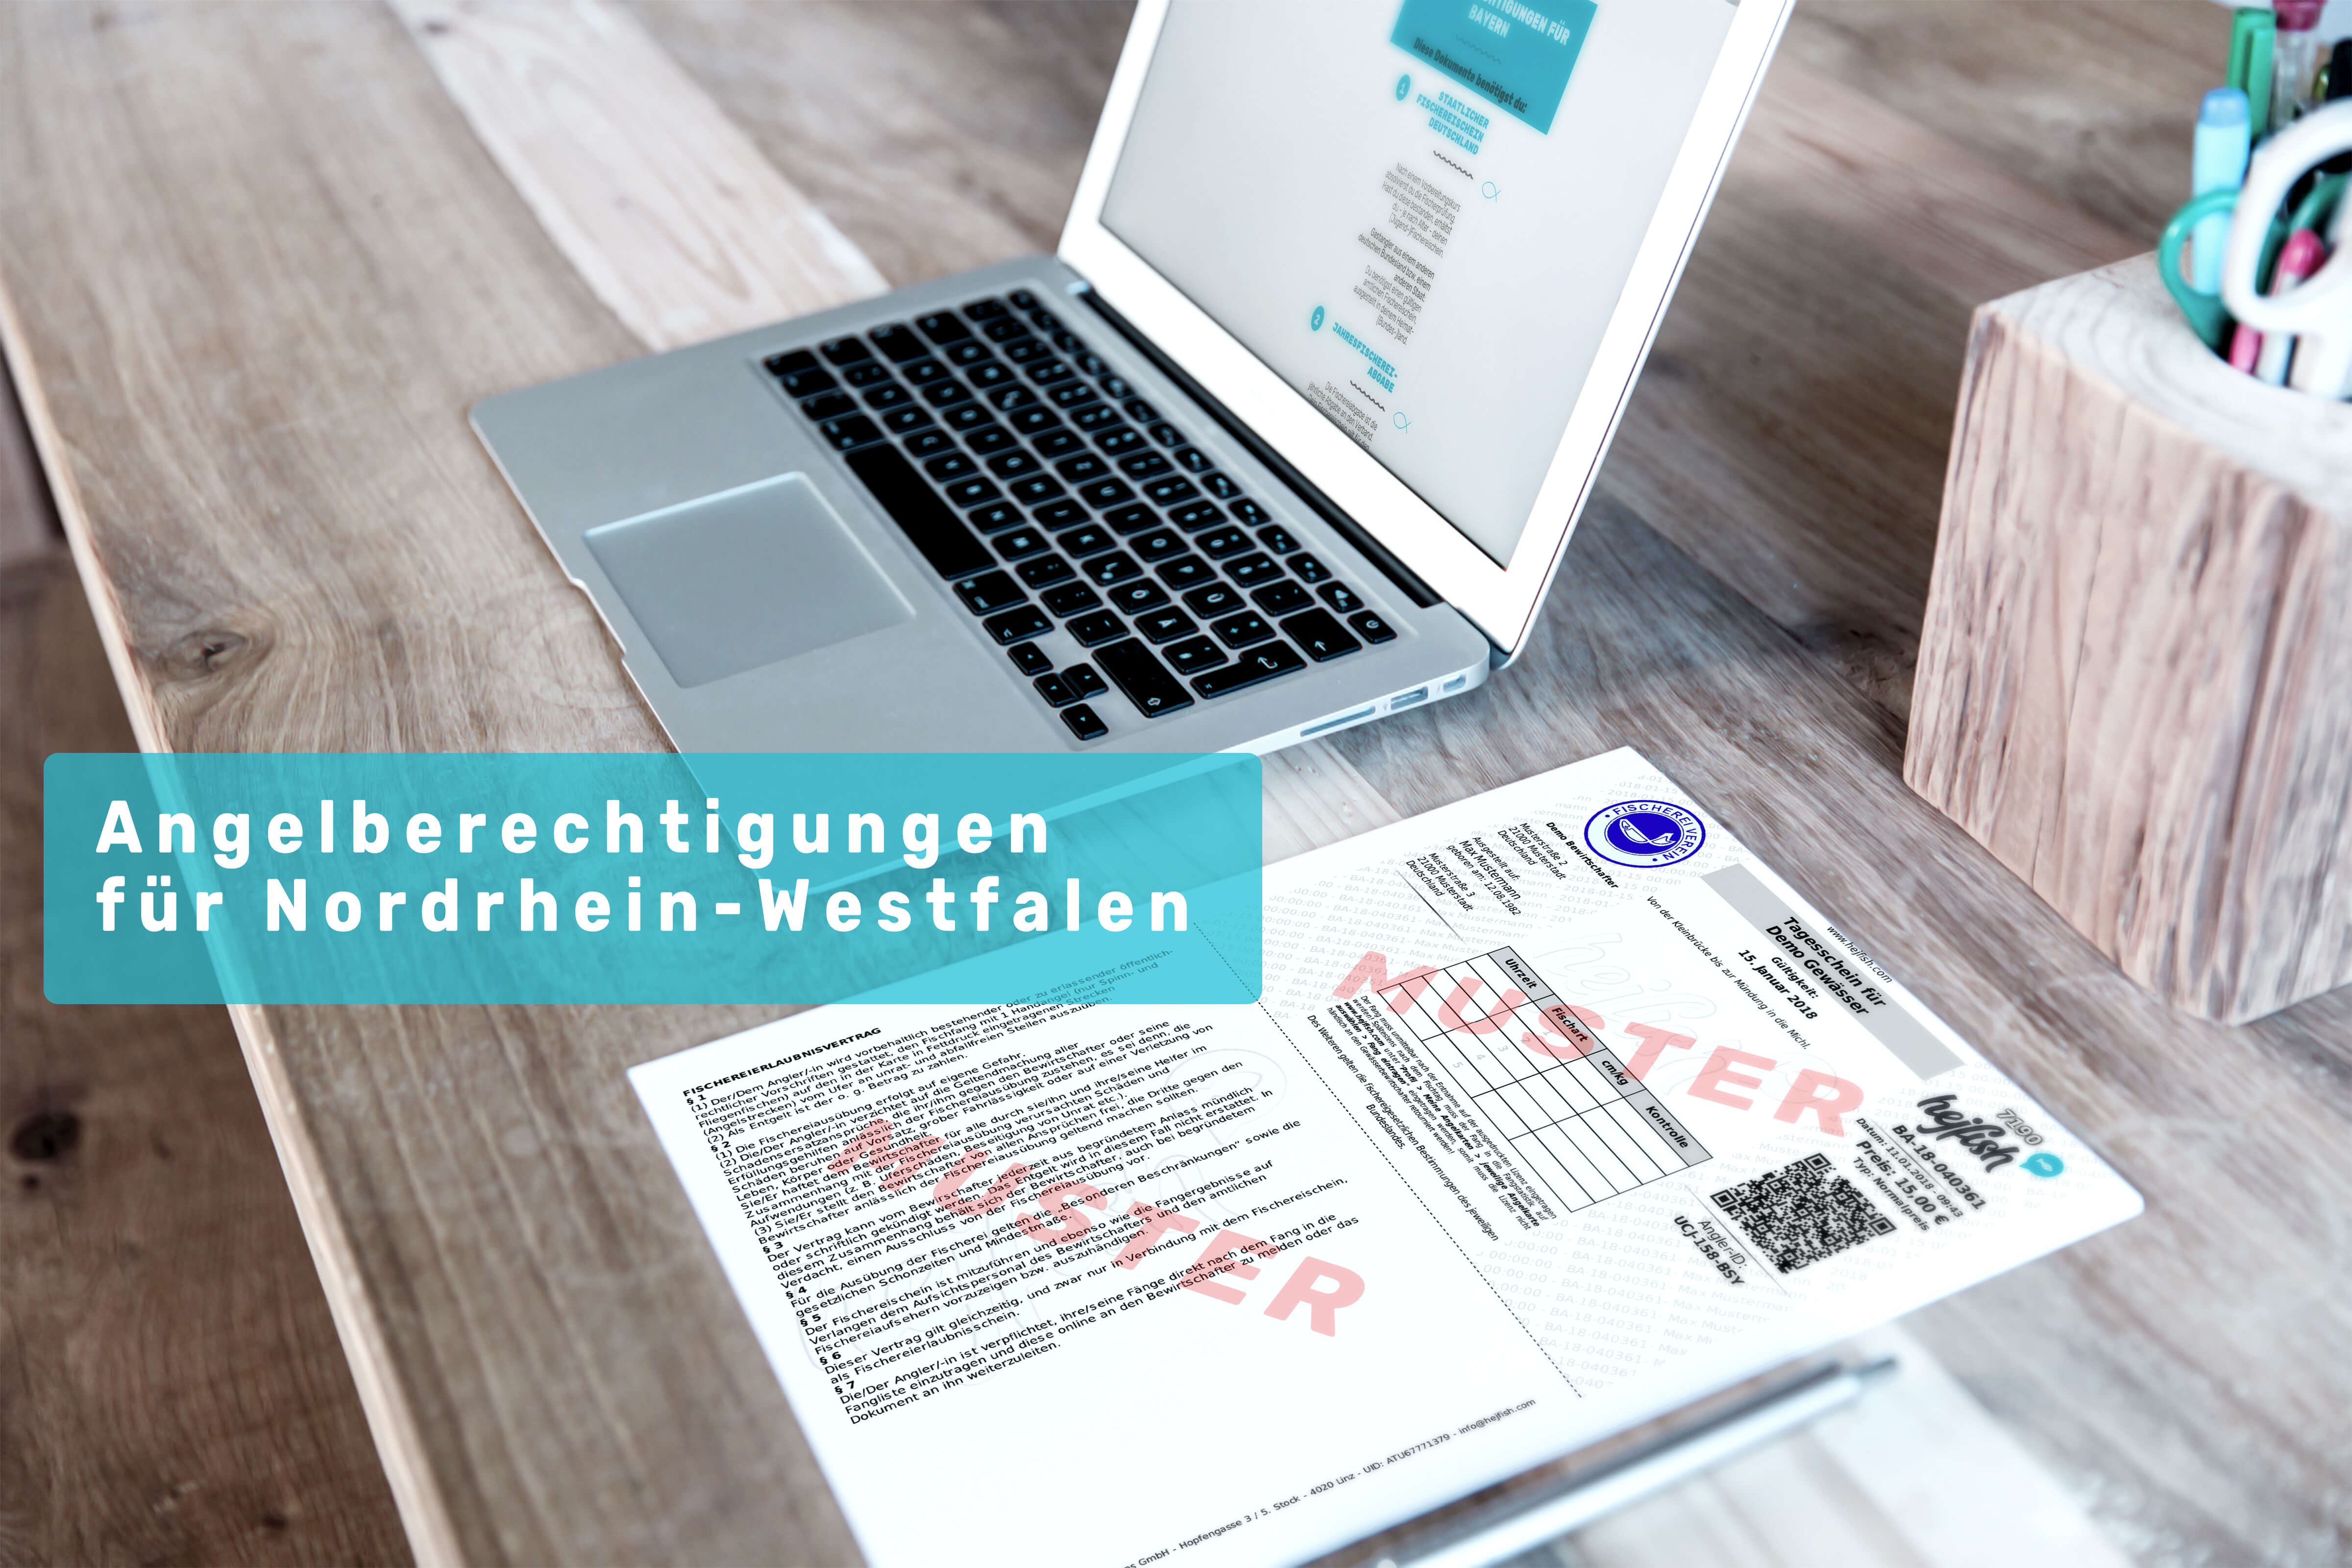 """Laptop und Schreibtisch mit Balken""""Angelberechtigungen Nordrhein Westfalen"""""""